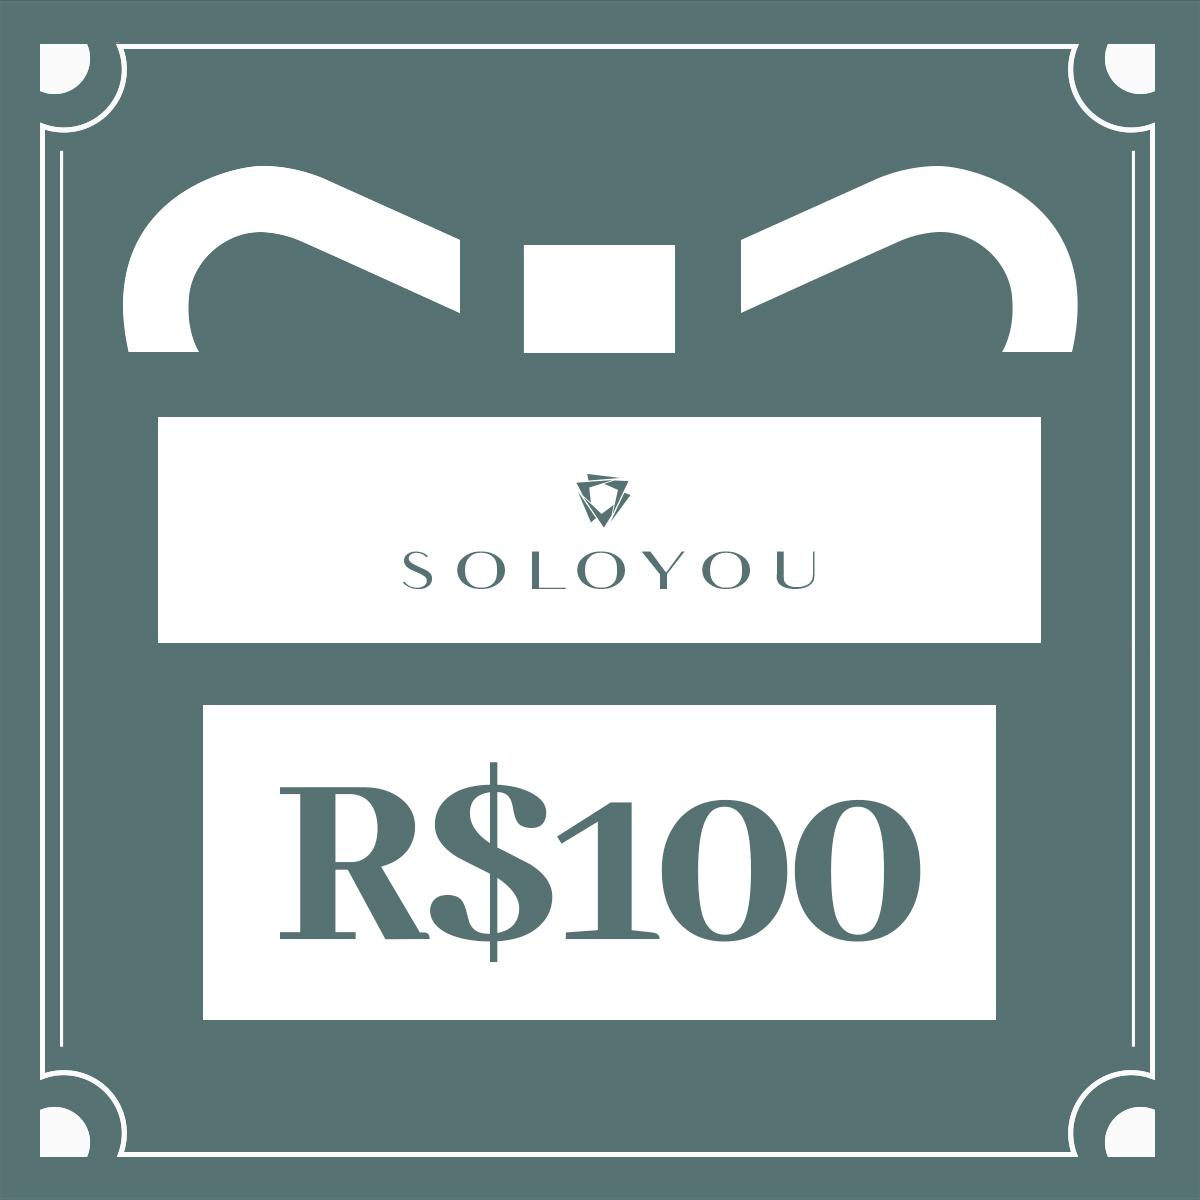 Cartão Presente Surpreenda com SOLOYOU - R$ 100  - SOLOYOU